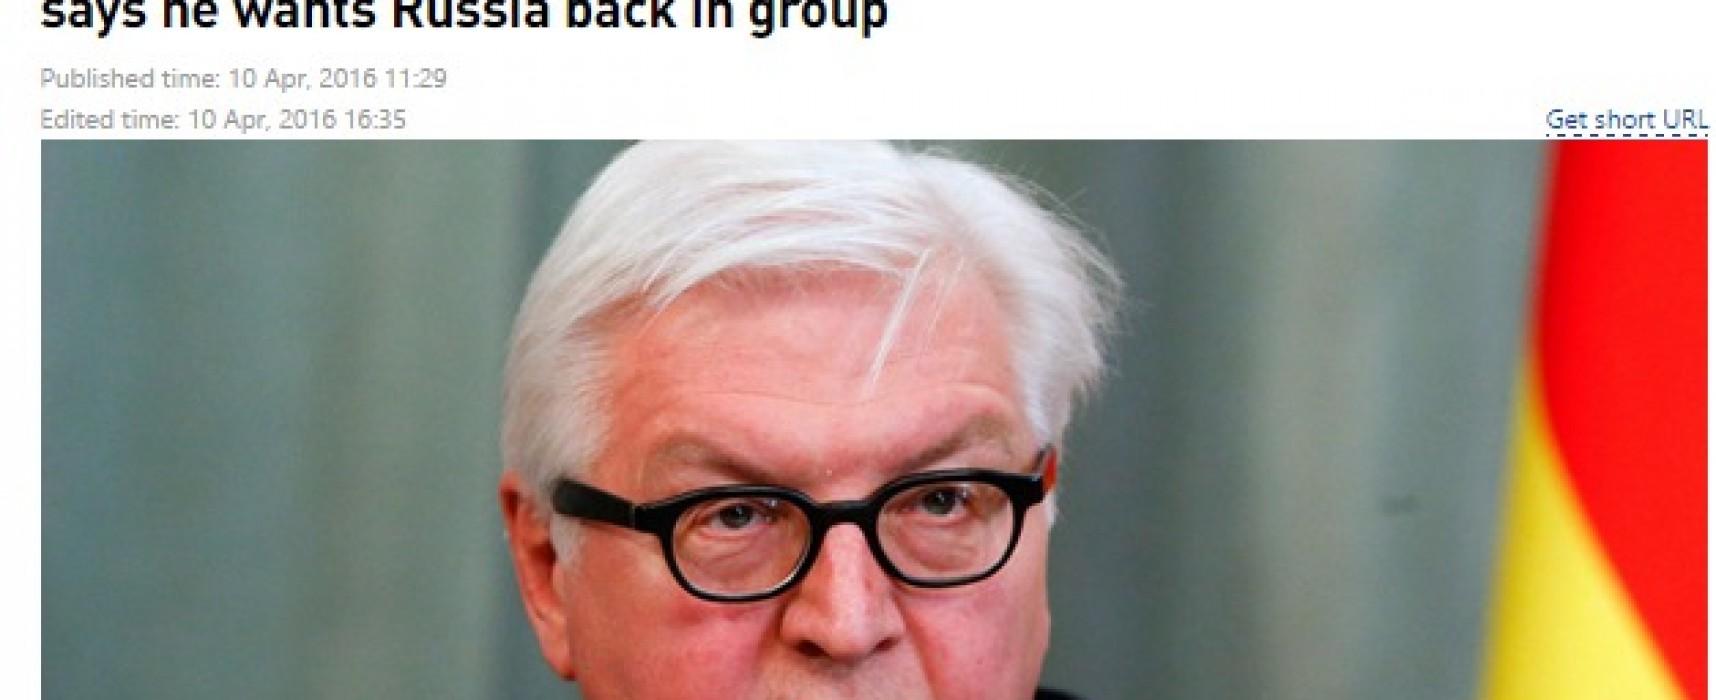 RT исказил слова главы МИД Германии